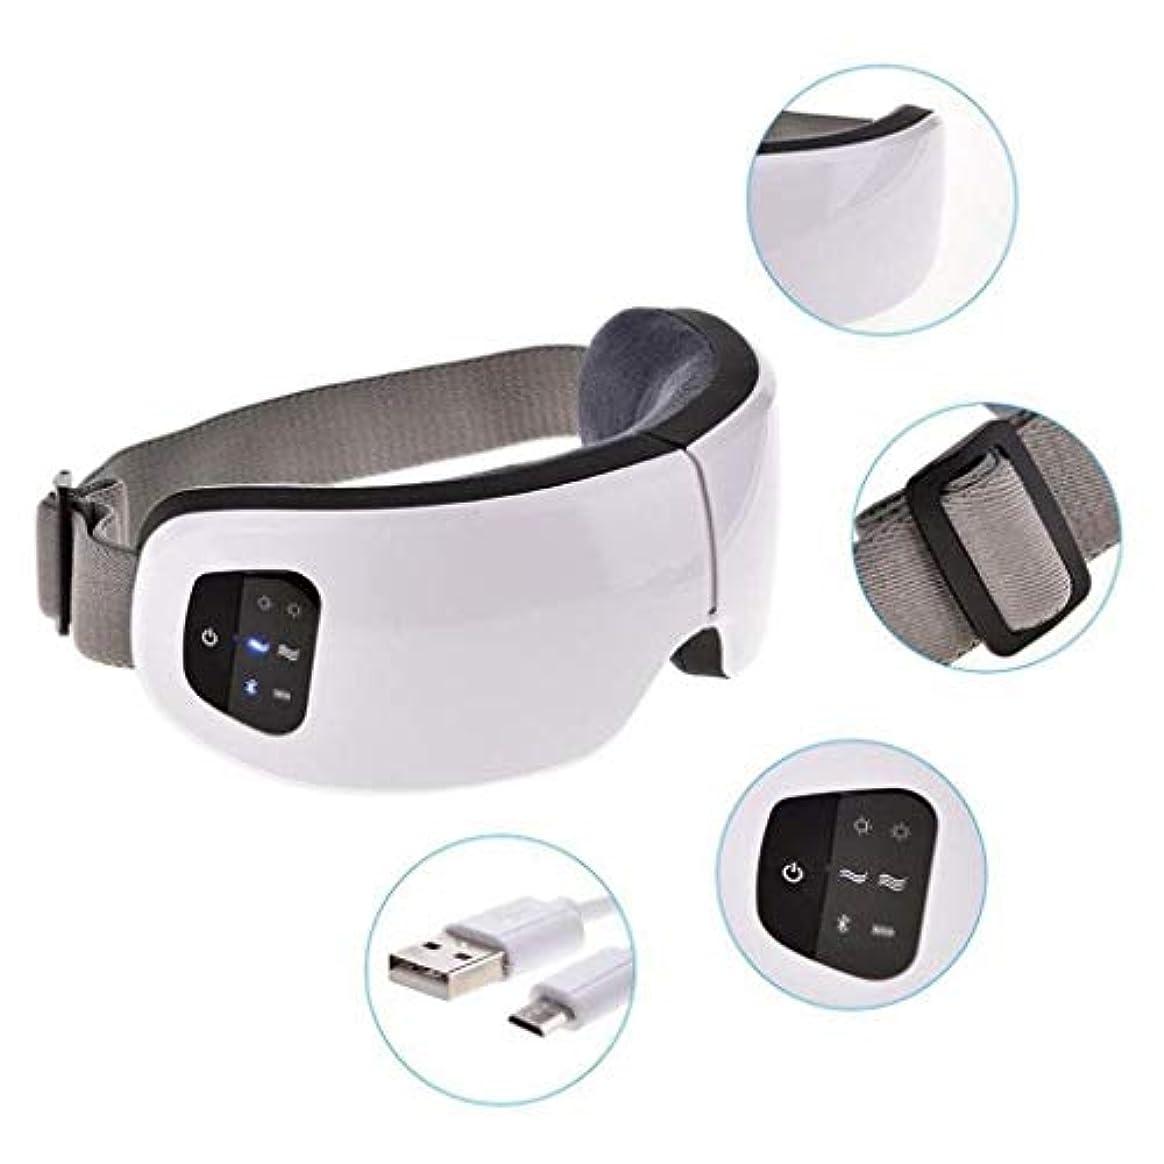 マニアスパイ雰囲気ホットプレス充電式ワイヤレスアイマッサージャーマスク空気圧振動とBluetooth機能付きアイバッグ、ダークサークル、アイ疲労、ドライアイ